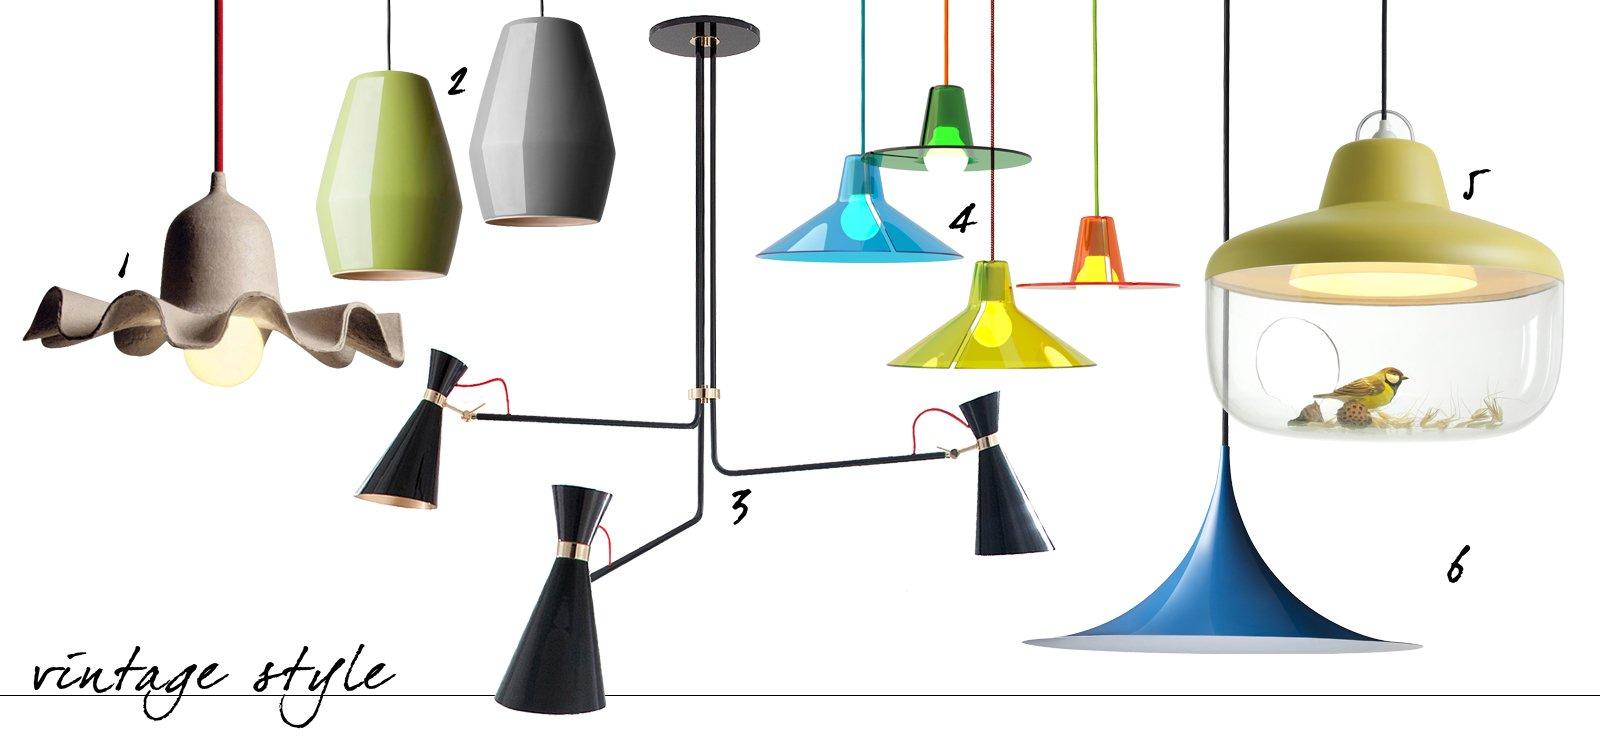 Lampade e lampadari a sospensione in tre stili diversi - Lampadari a sospensione ikea ...